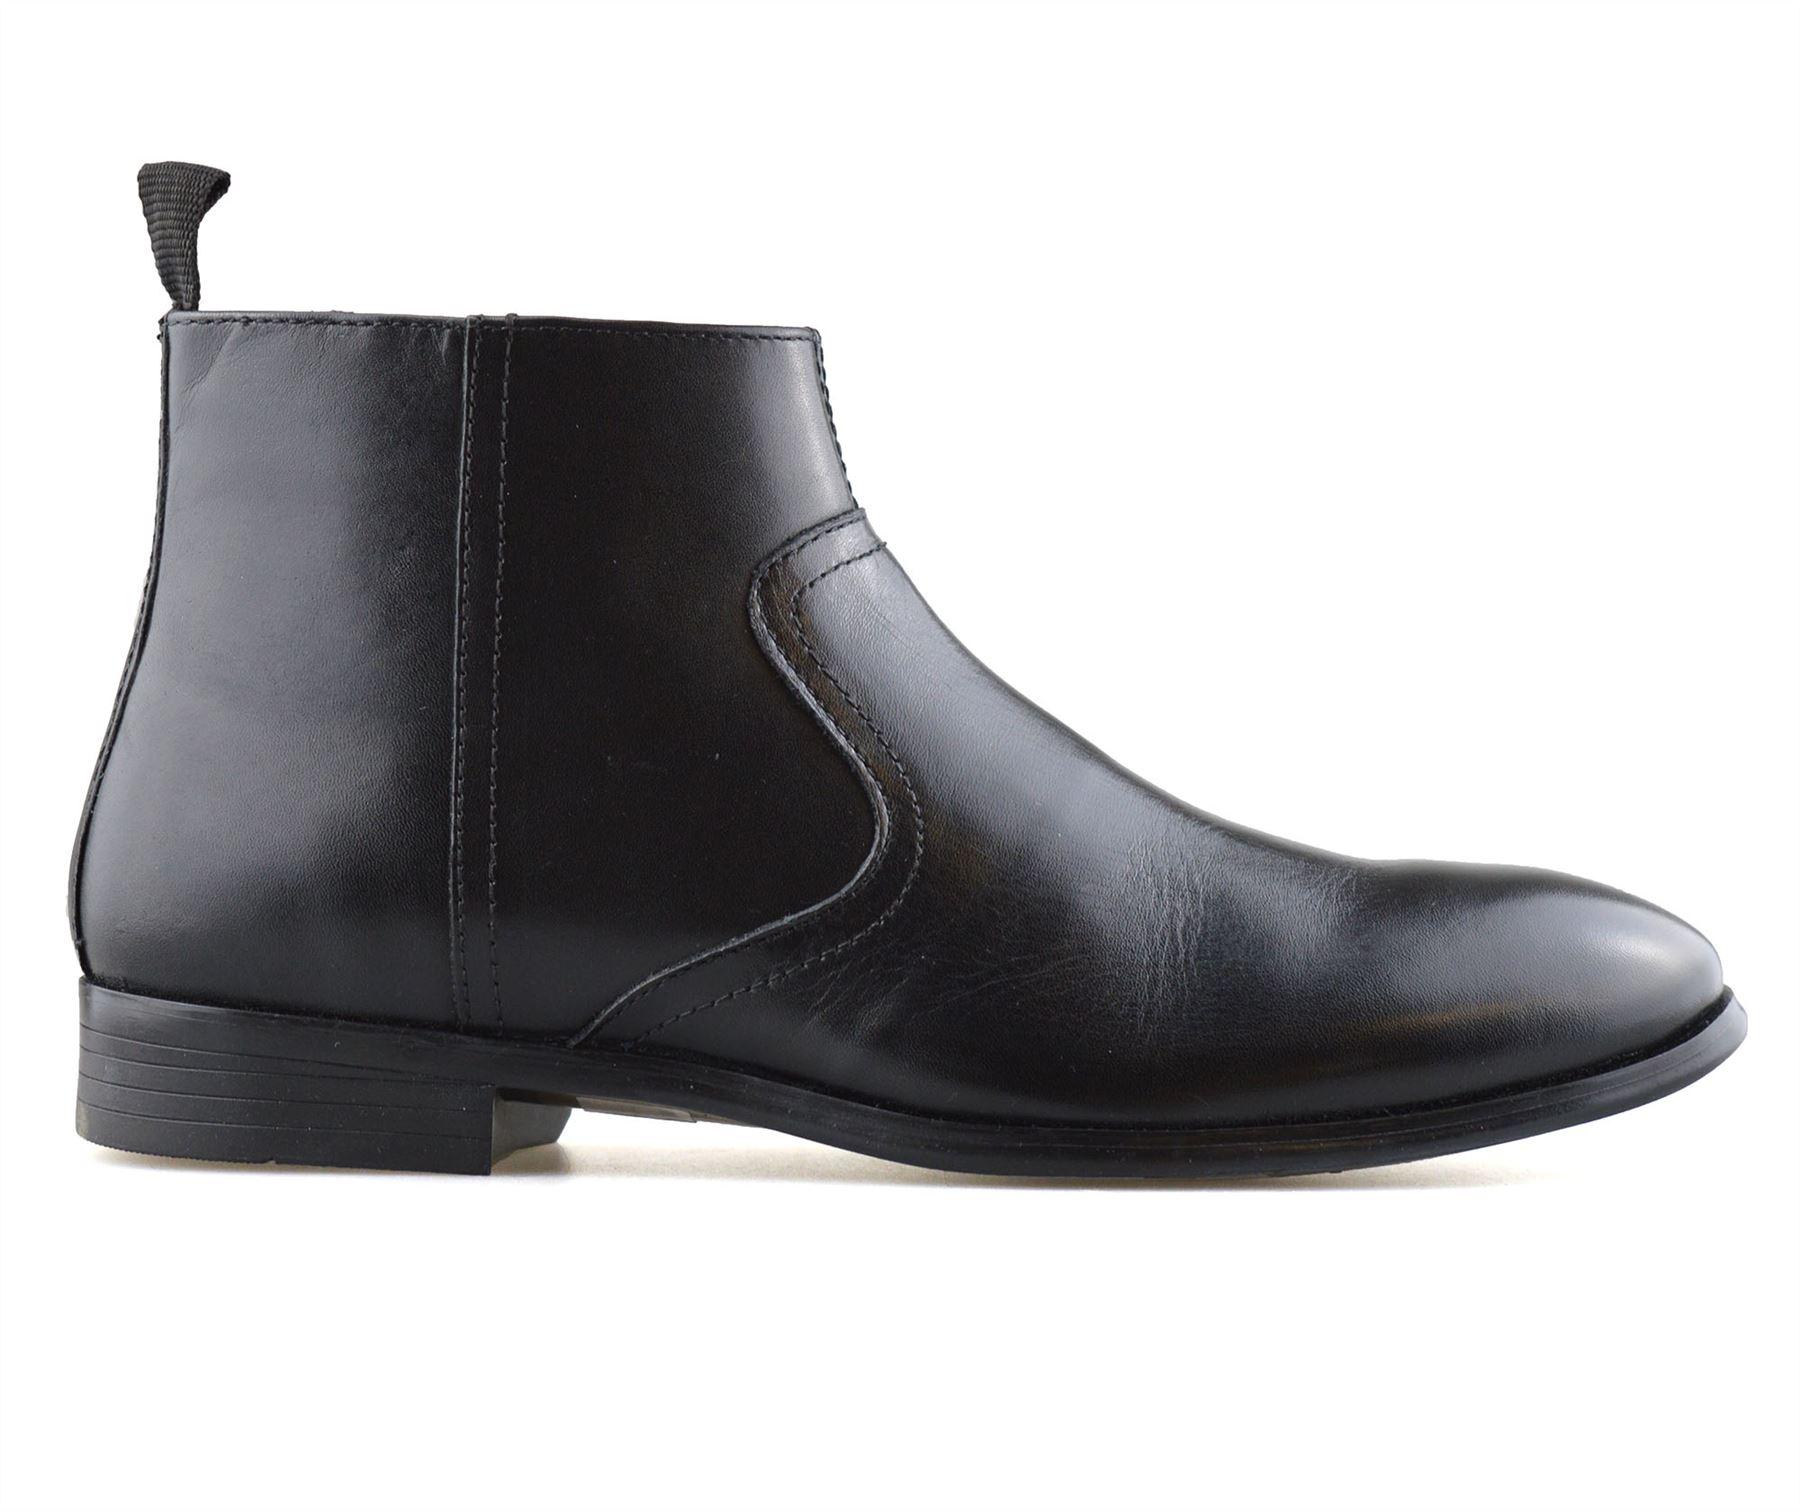 Hombre-Nuevo-Cuero-Cremallera-Formal-Smart-Trabajo-Distribuidor-Chelsea-Botas-al-Tobillo-Zapatos miniatura 12